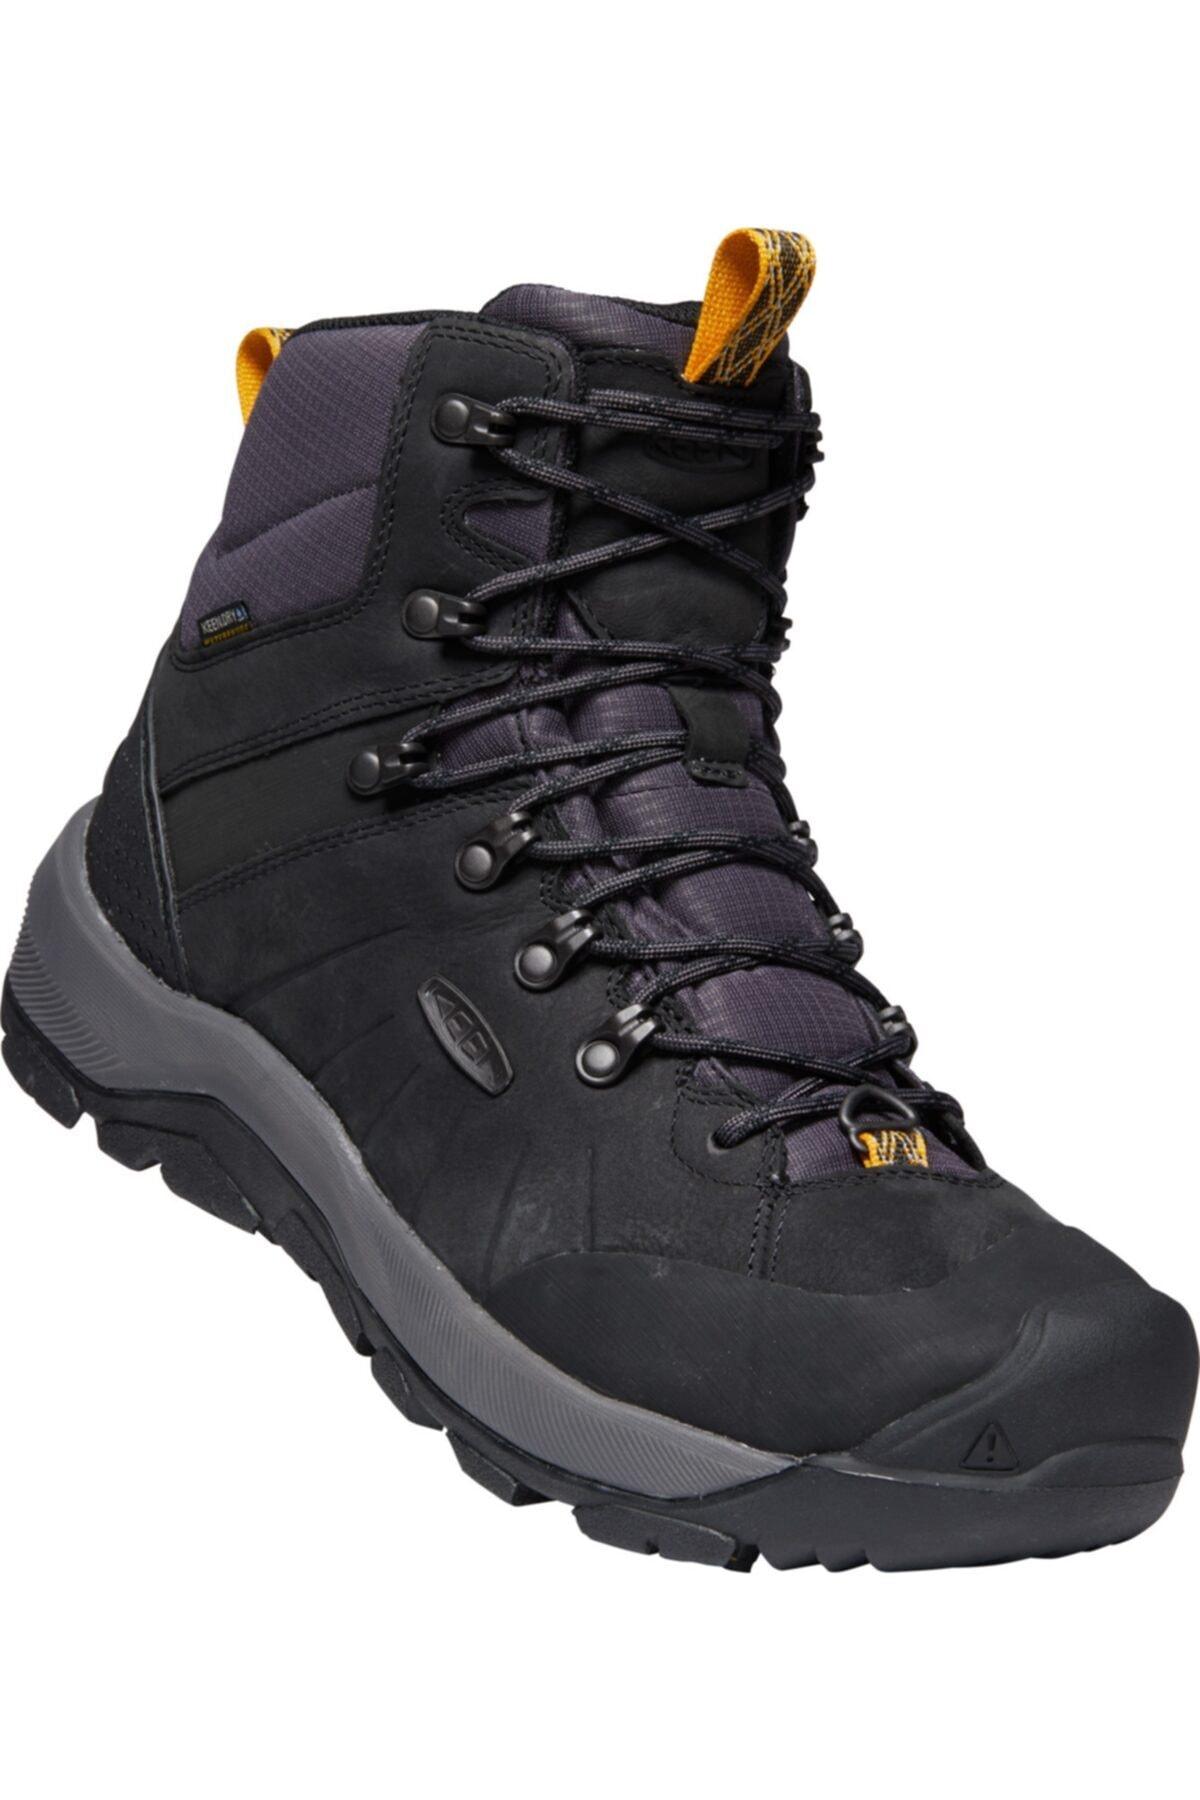 Keen Erkek Siyah Bağcıklı Ayakkabı 1